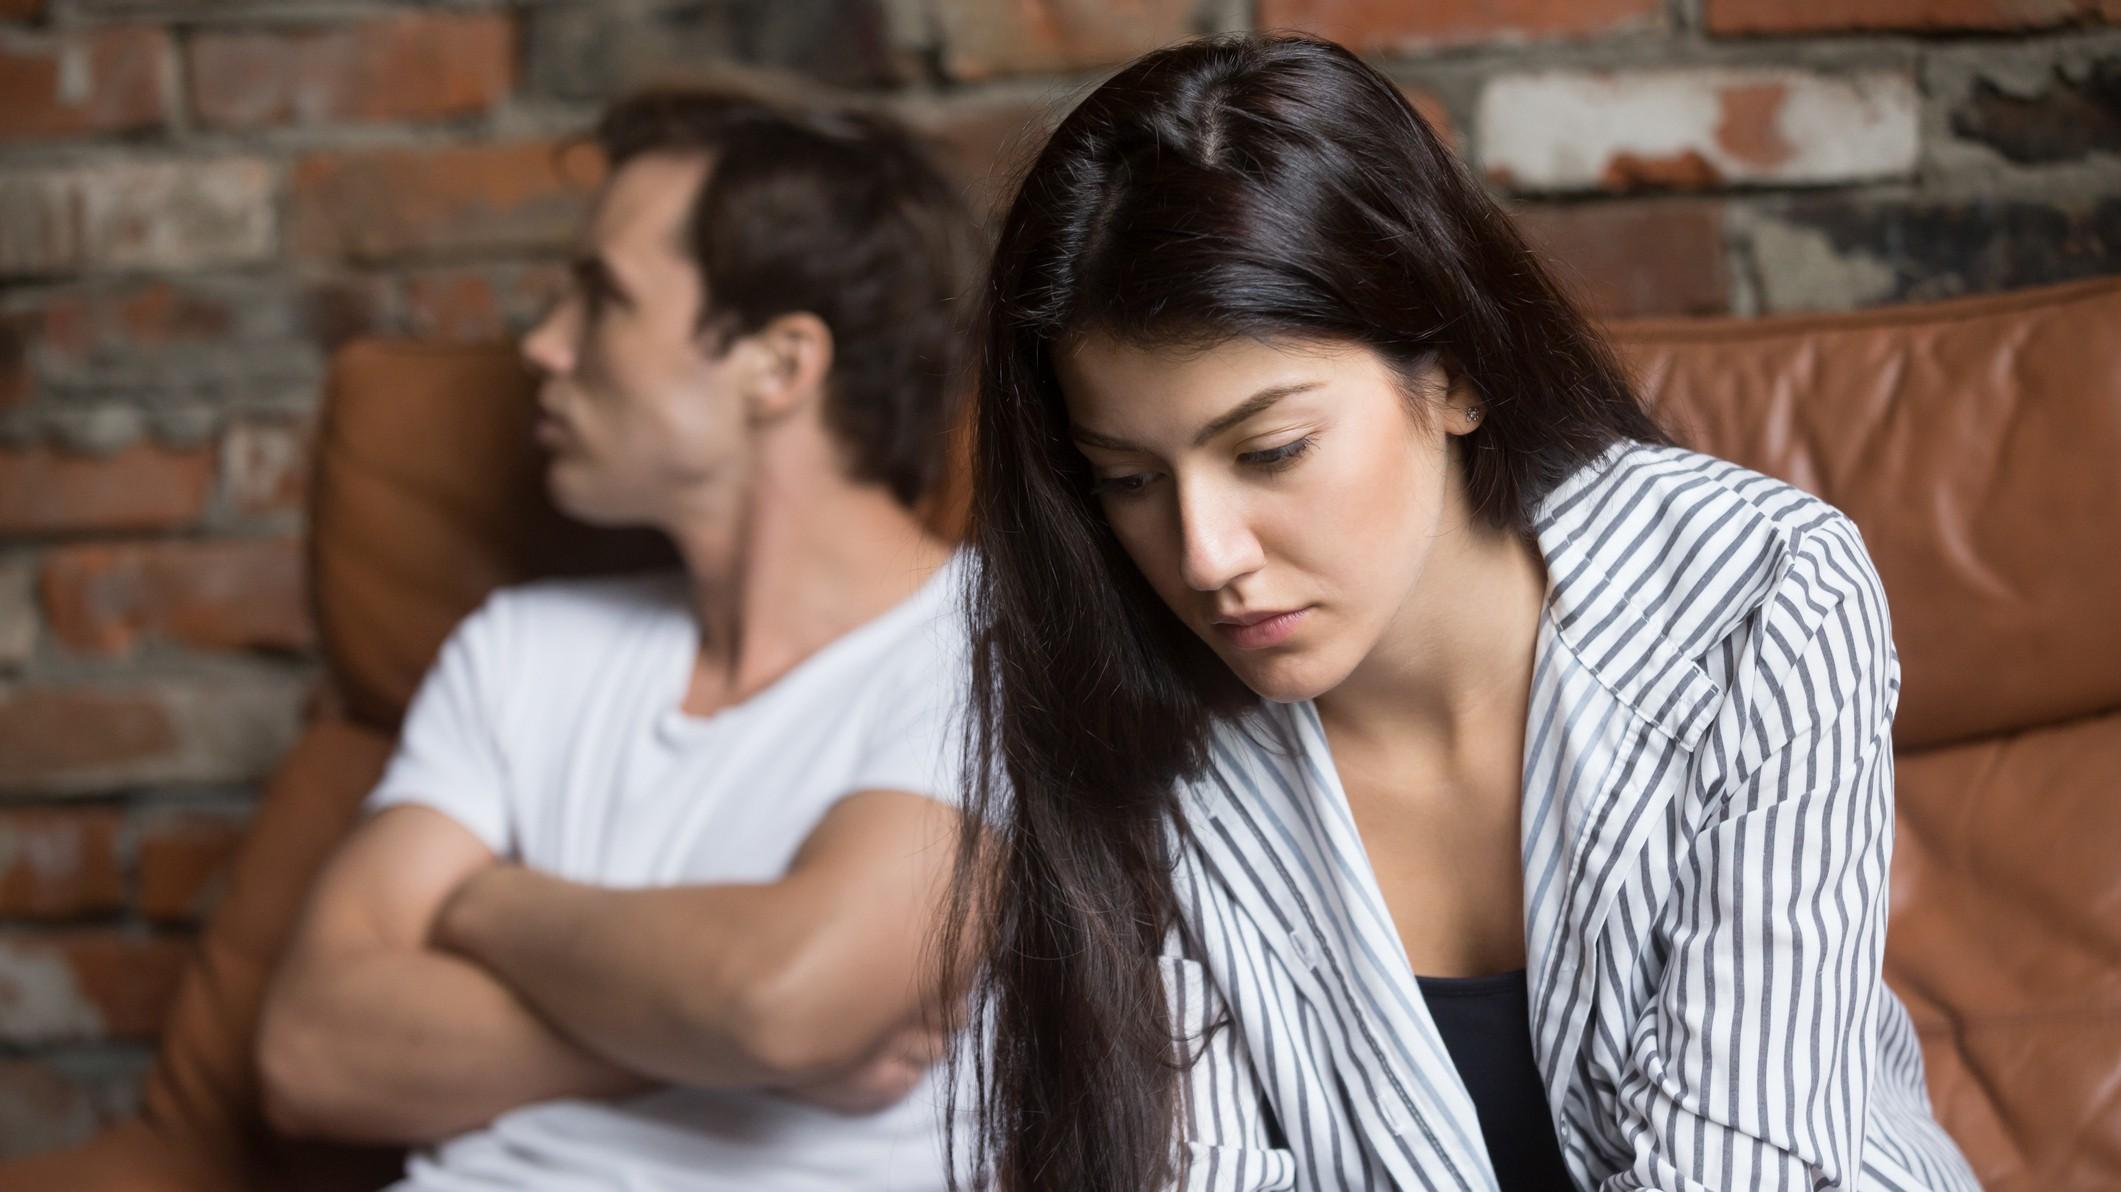 Daran erkennst du, dass du mit deinem Partner schon innerlich Schluss gemacht hast